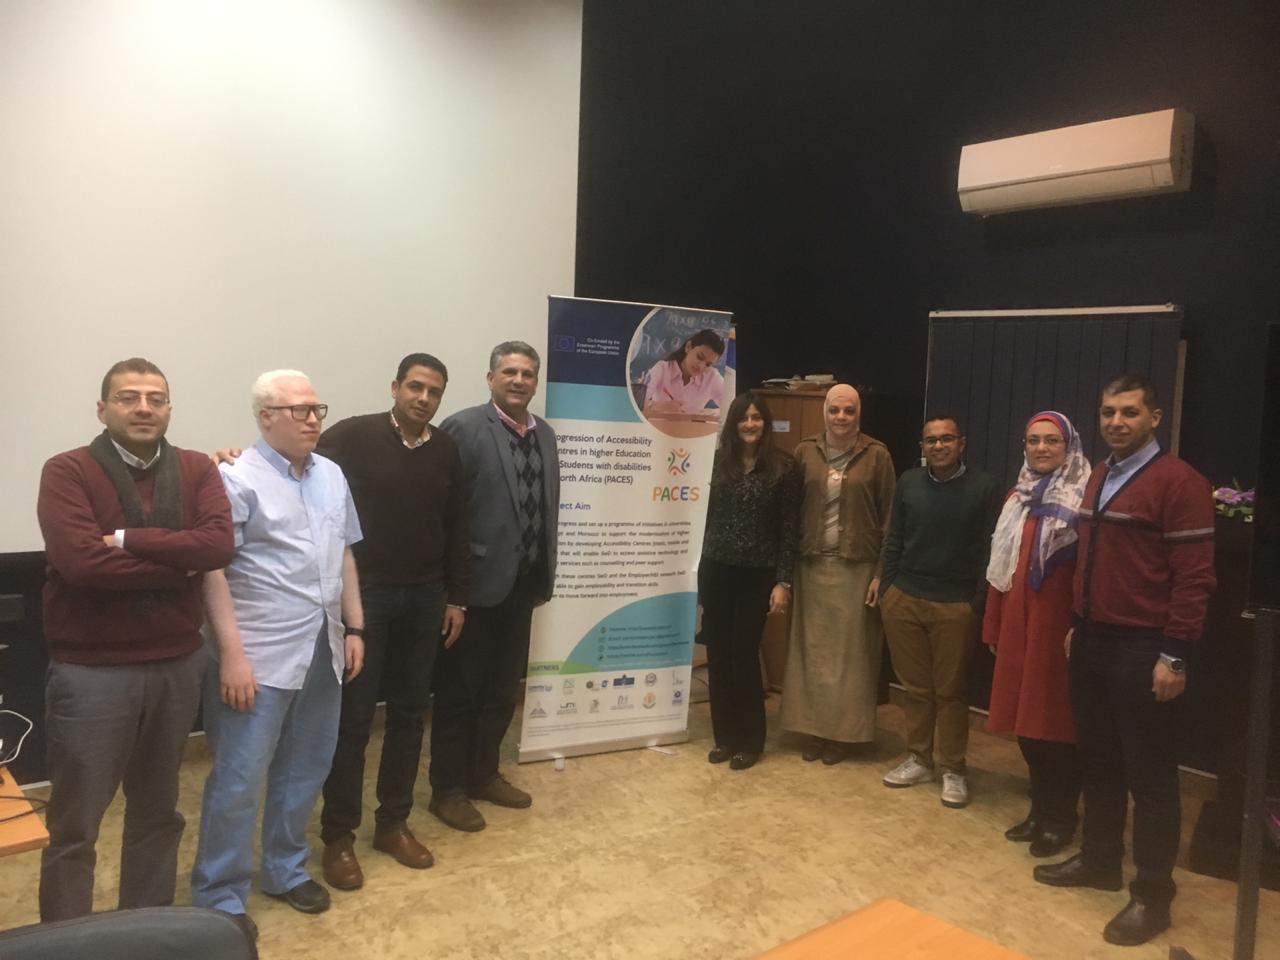 زيارة المتابعة التي قام بها المكتب الوطني لإراسموس في جامعة عين شمس ، مصر